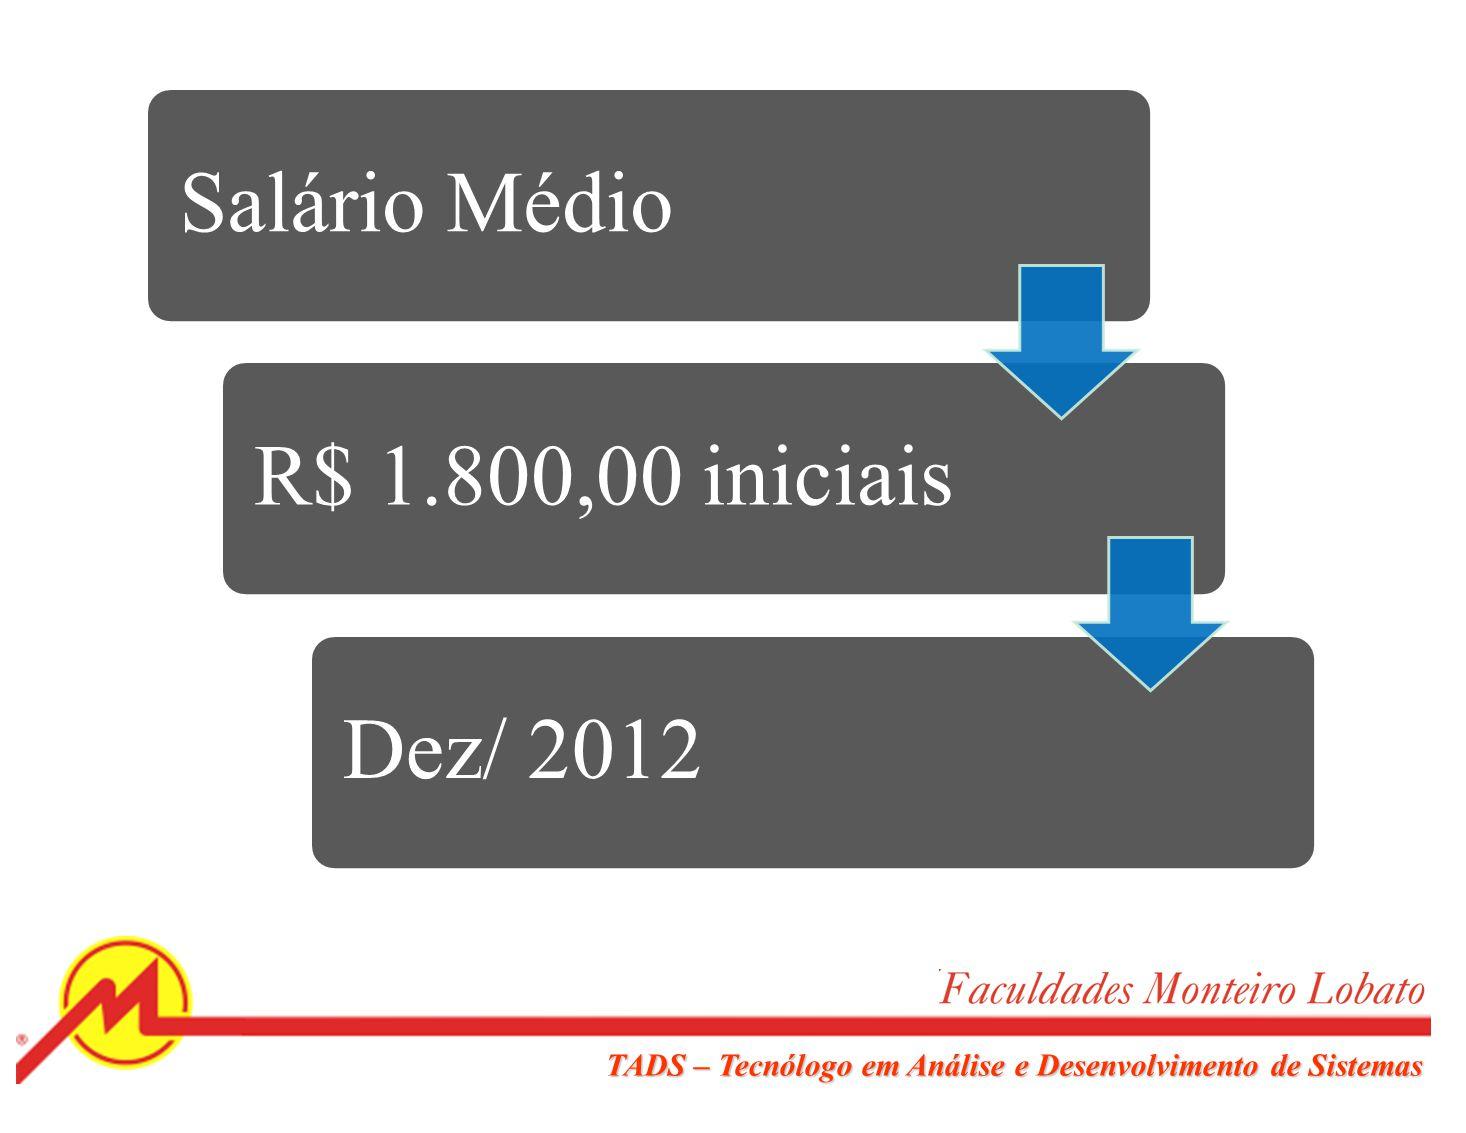 Salário Médio R$ 1.800,00 iniciais Dez/ 2012